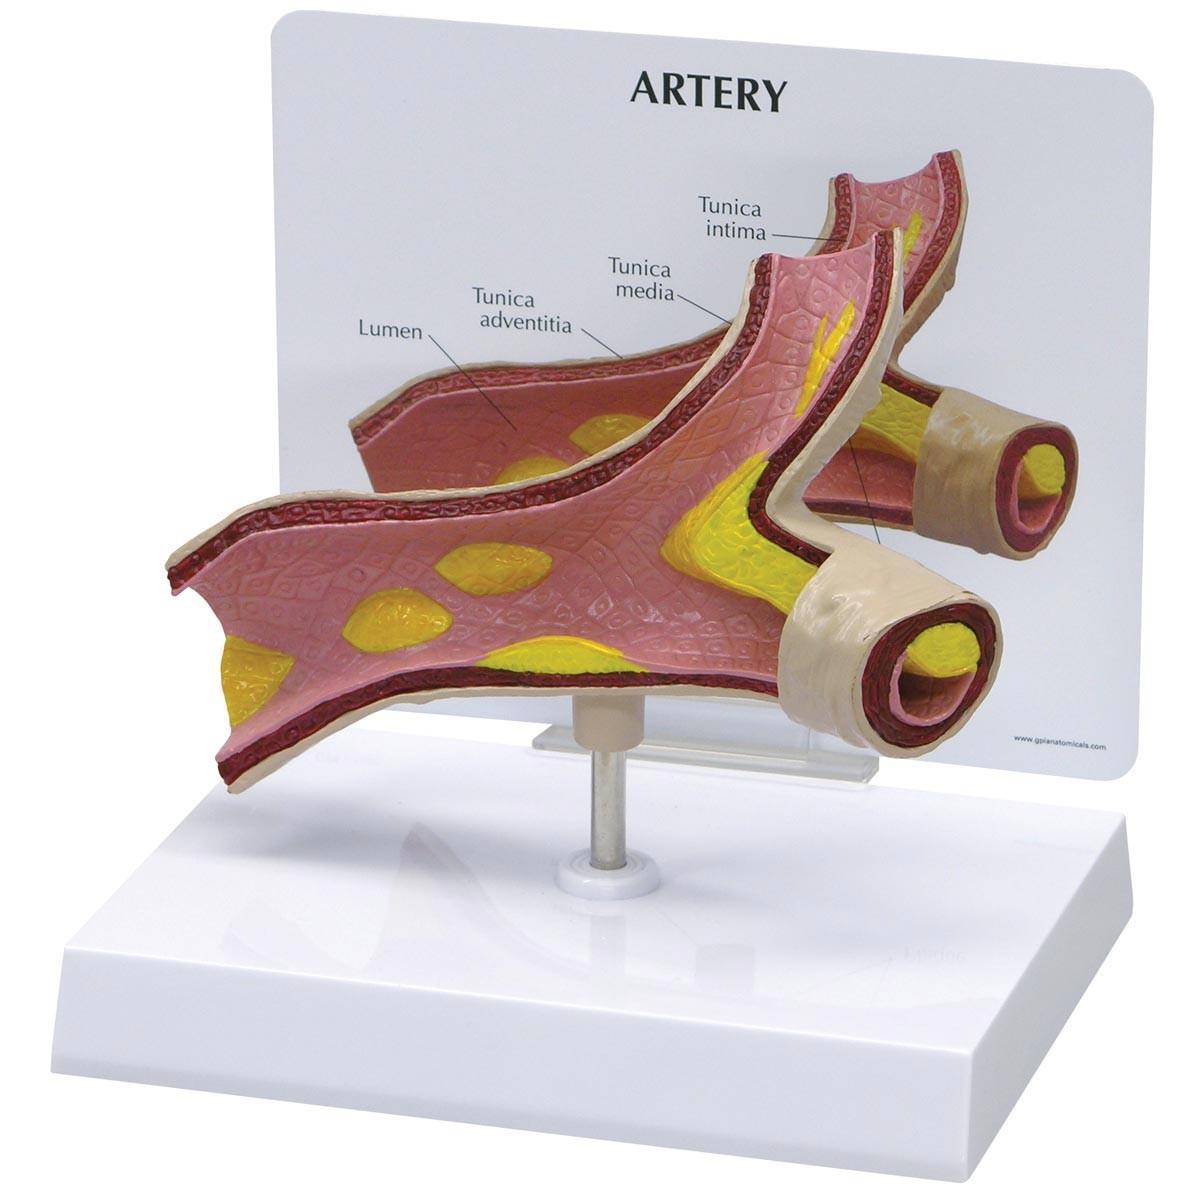 Arterienmodell